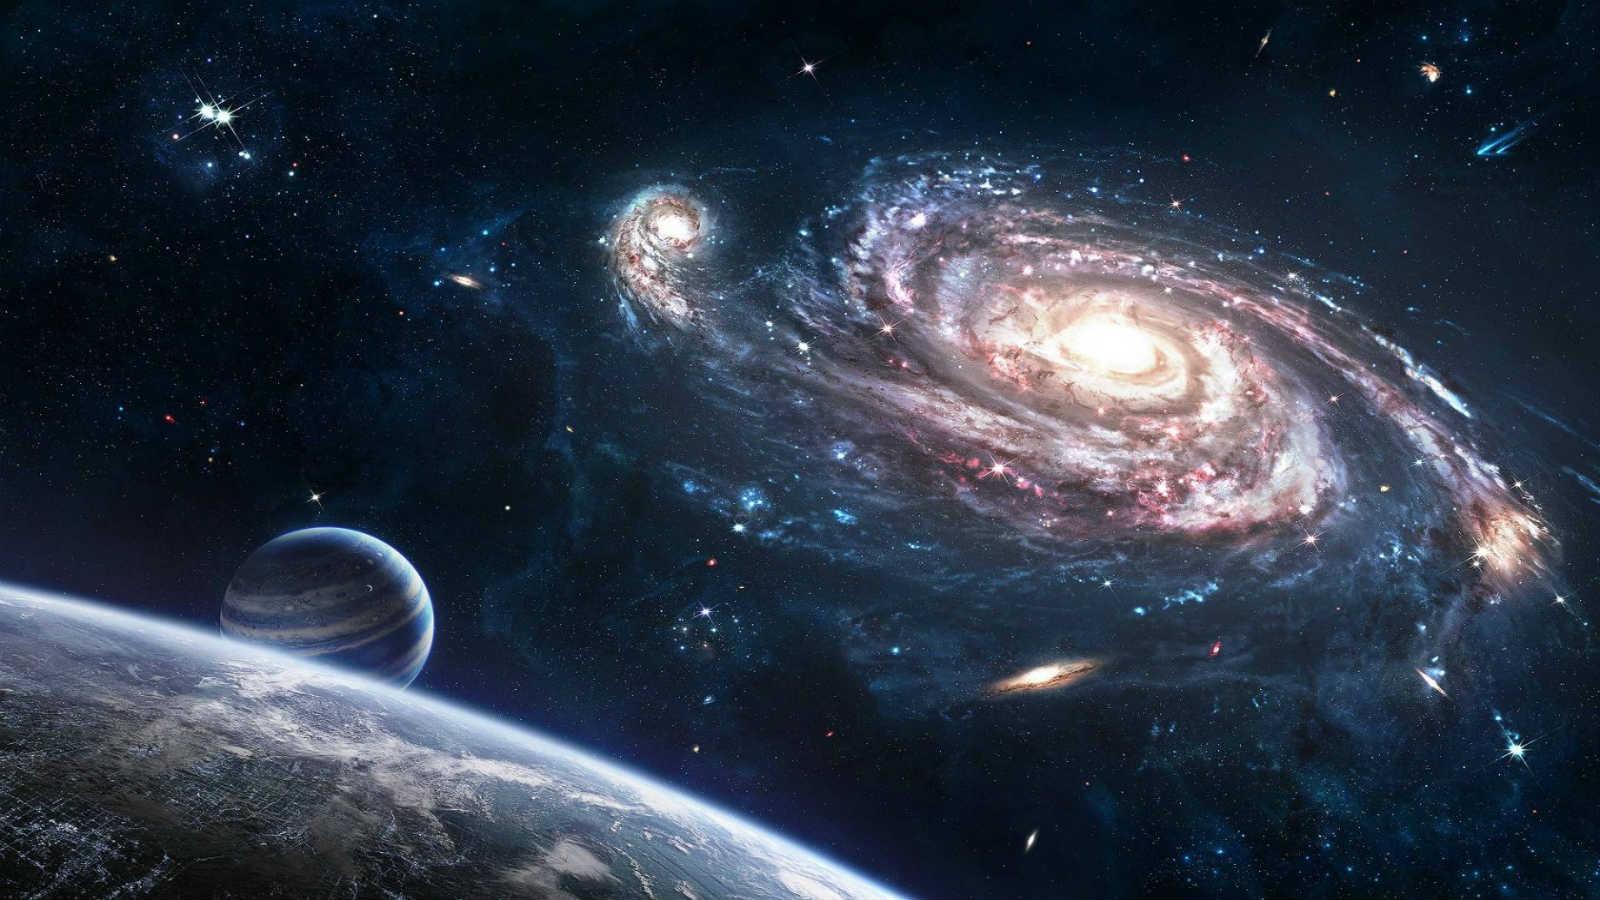 Количество галактик во Вселенной по данным науки. Вселенная содержит не менее двух триллионов галактик.